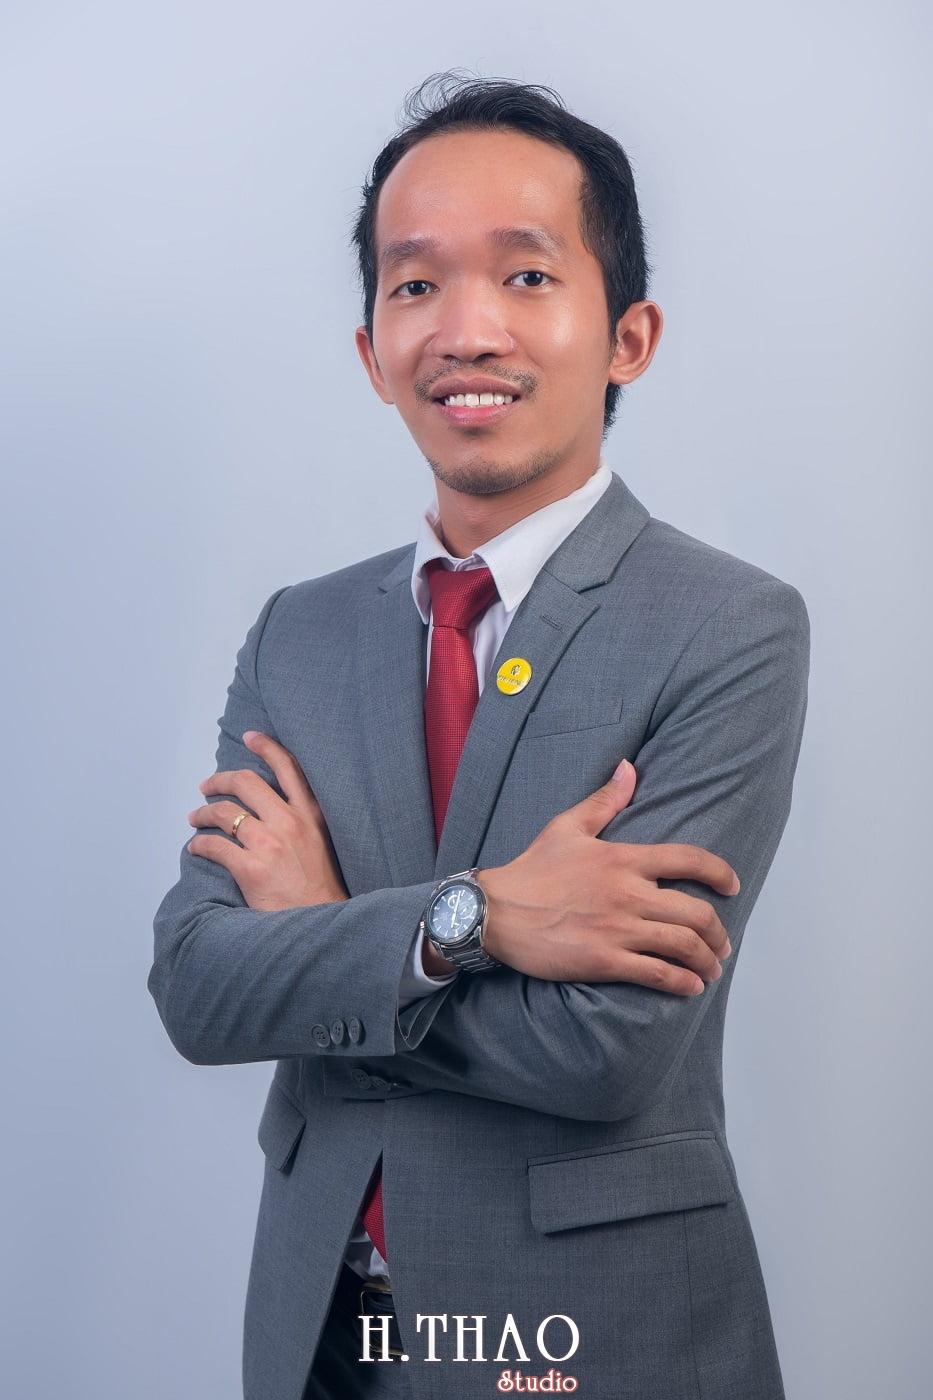 Phu Hung Land 7 - Album ảnh profile nhân sự công ty Phu Hung Land – HThao Studio